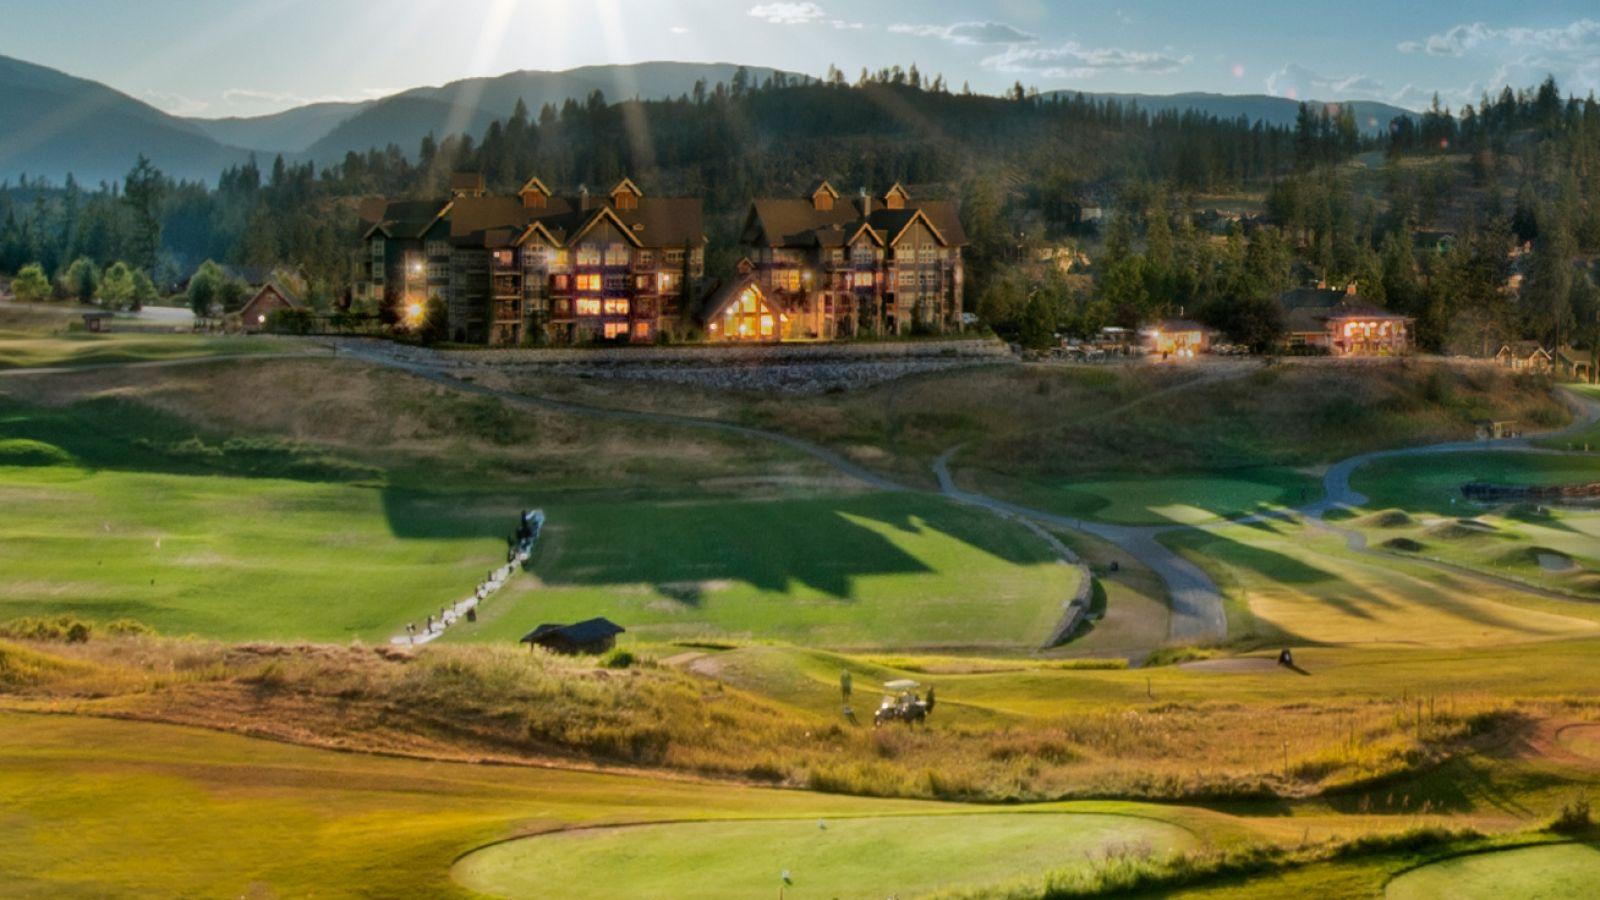 Predator Ridge Resort - View of Range and Lodges